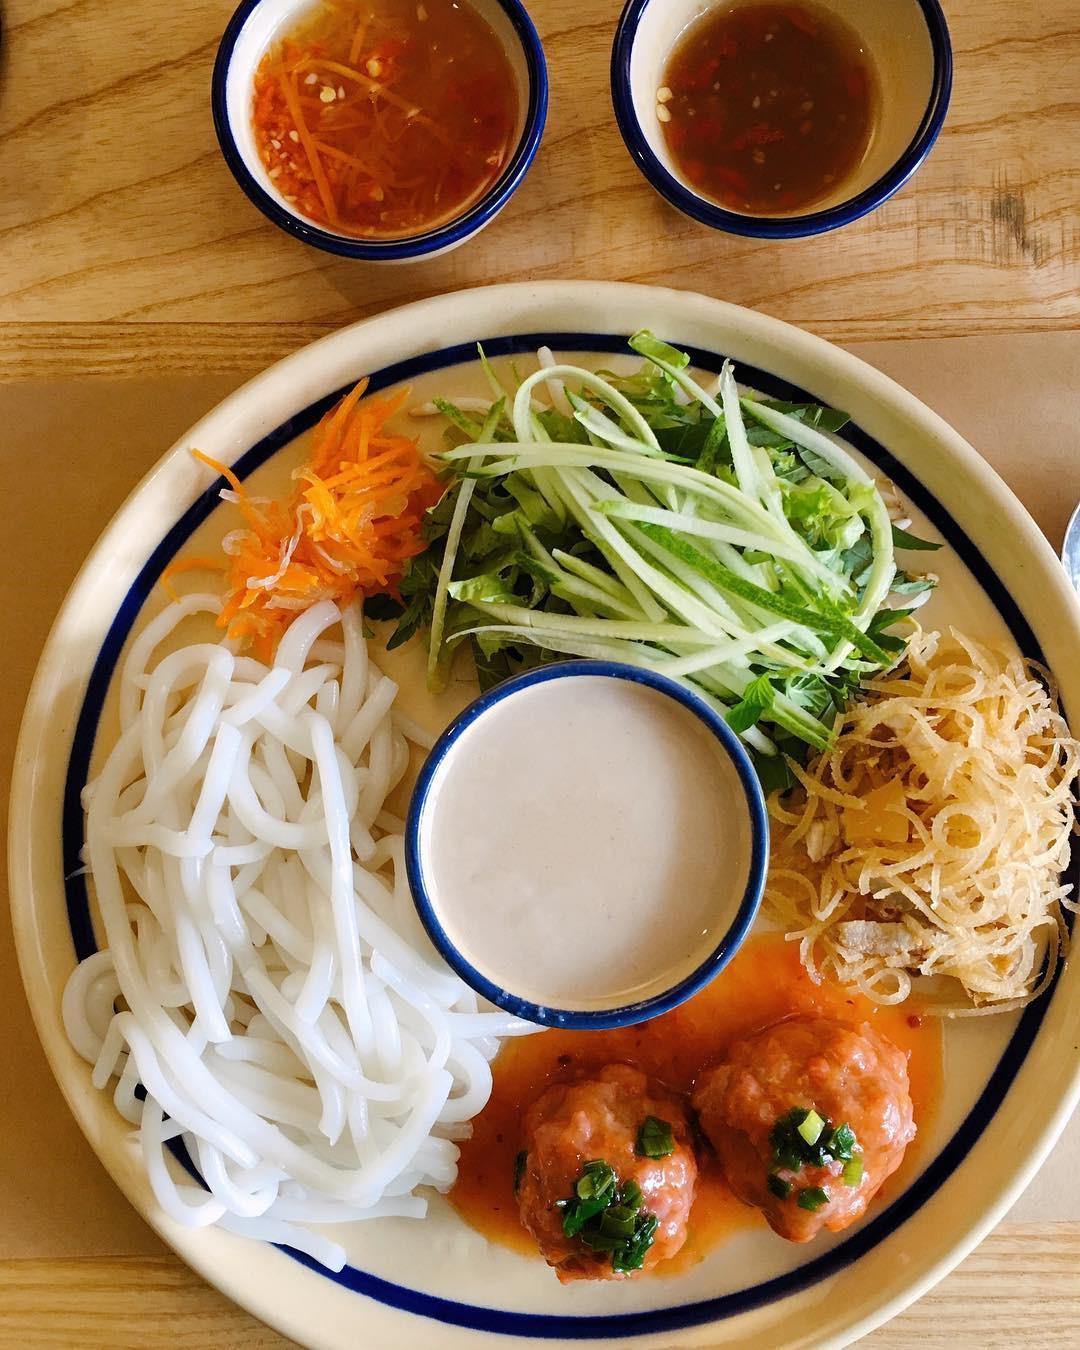 Ăn thả ga với những món ăn vặt ngon, bổ, rẻ tại Cần Thơ - Ảnh 4.